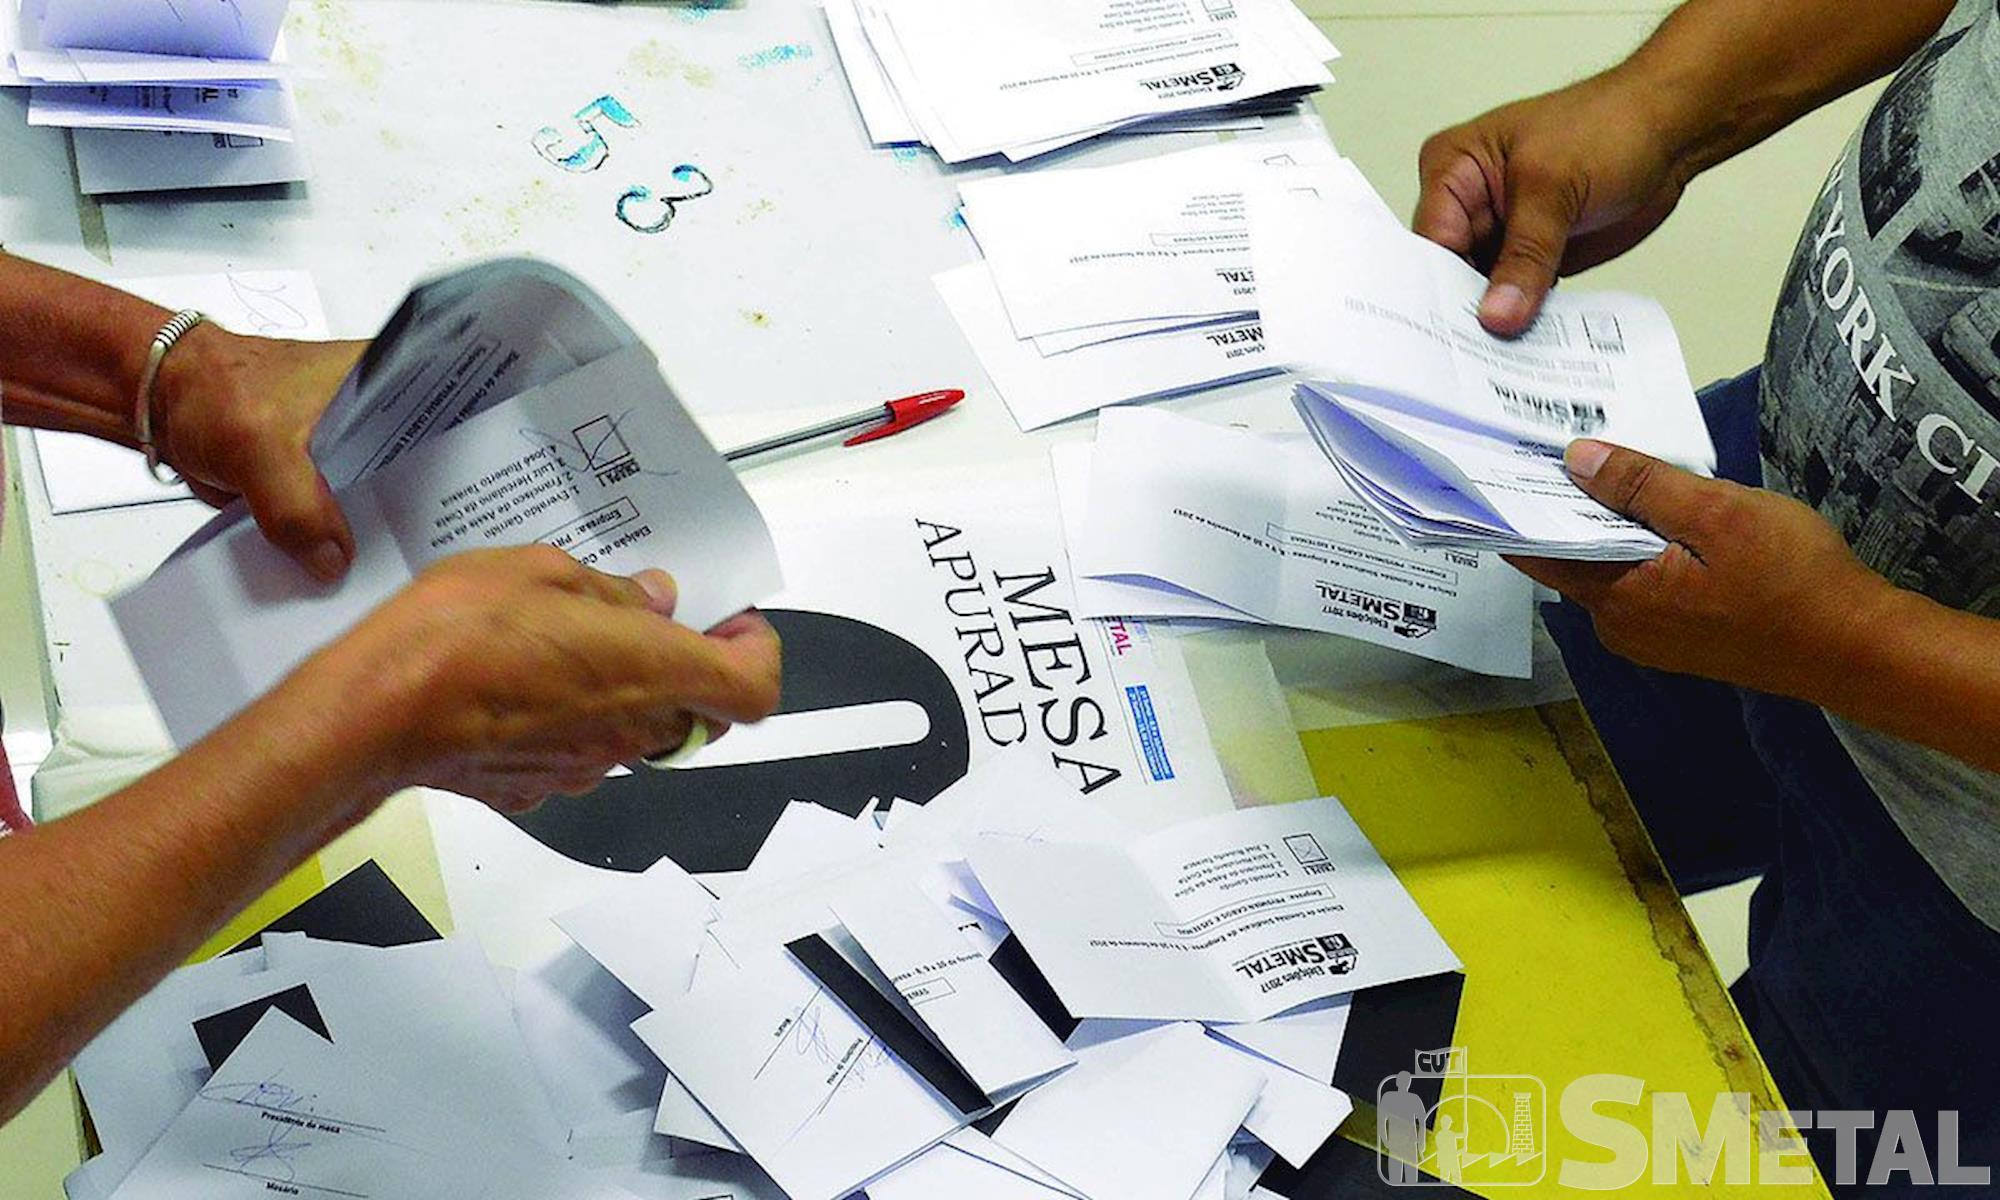 SMetal, Eleição, Votos,